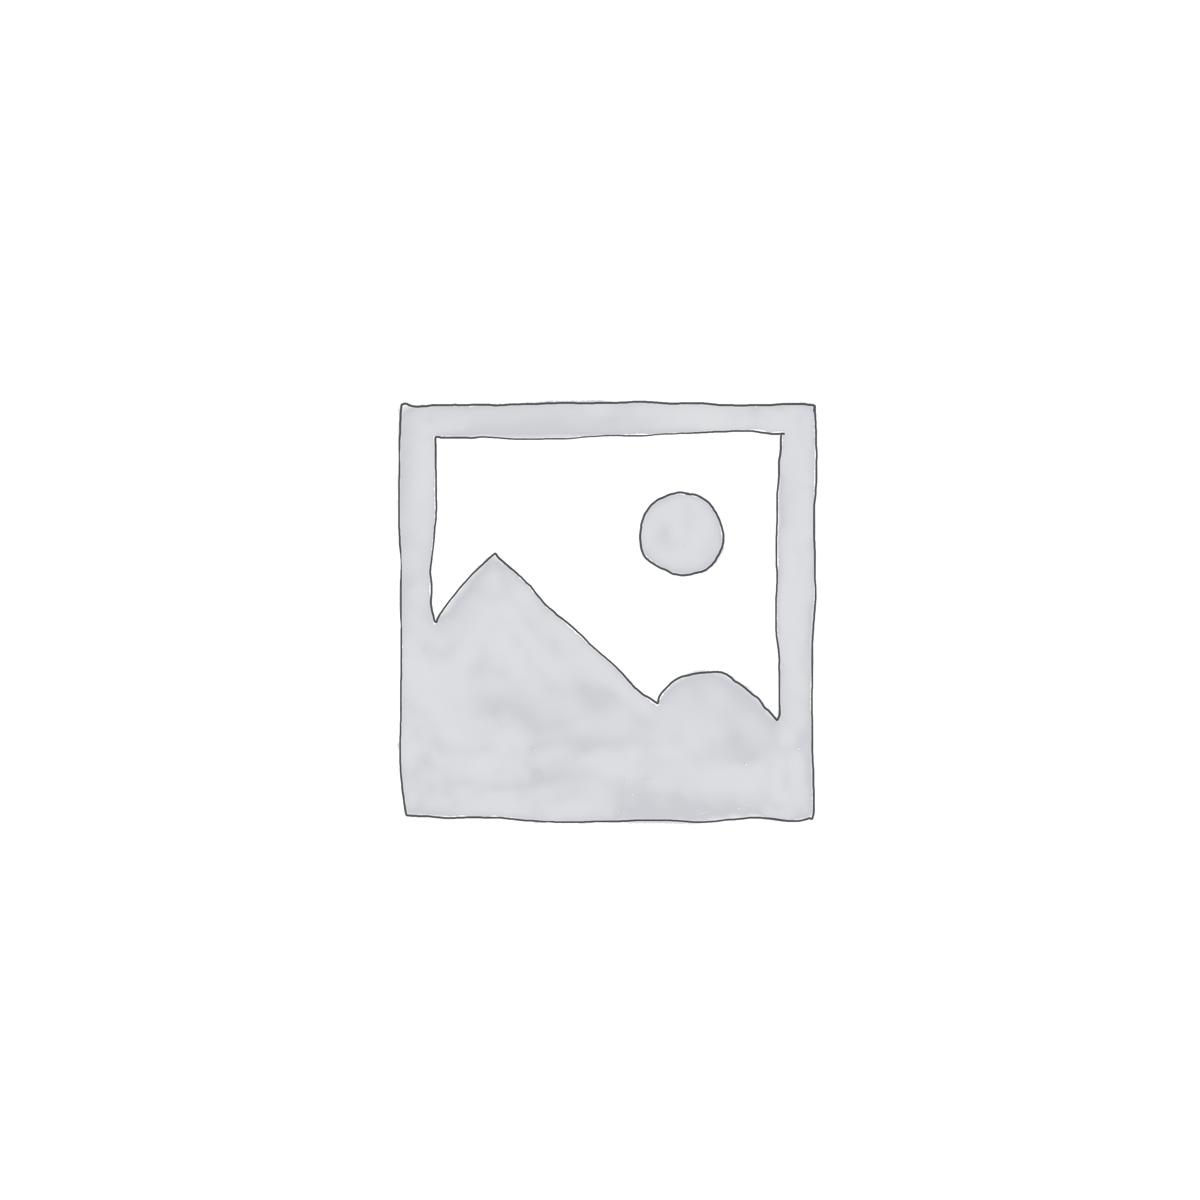 Leiterschnalle (Schieber)